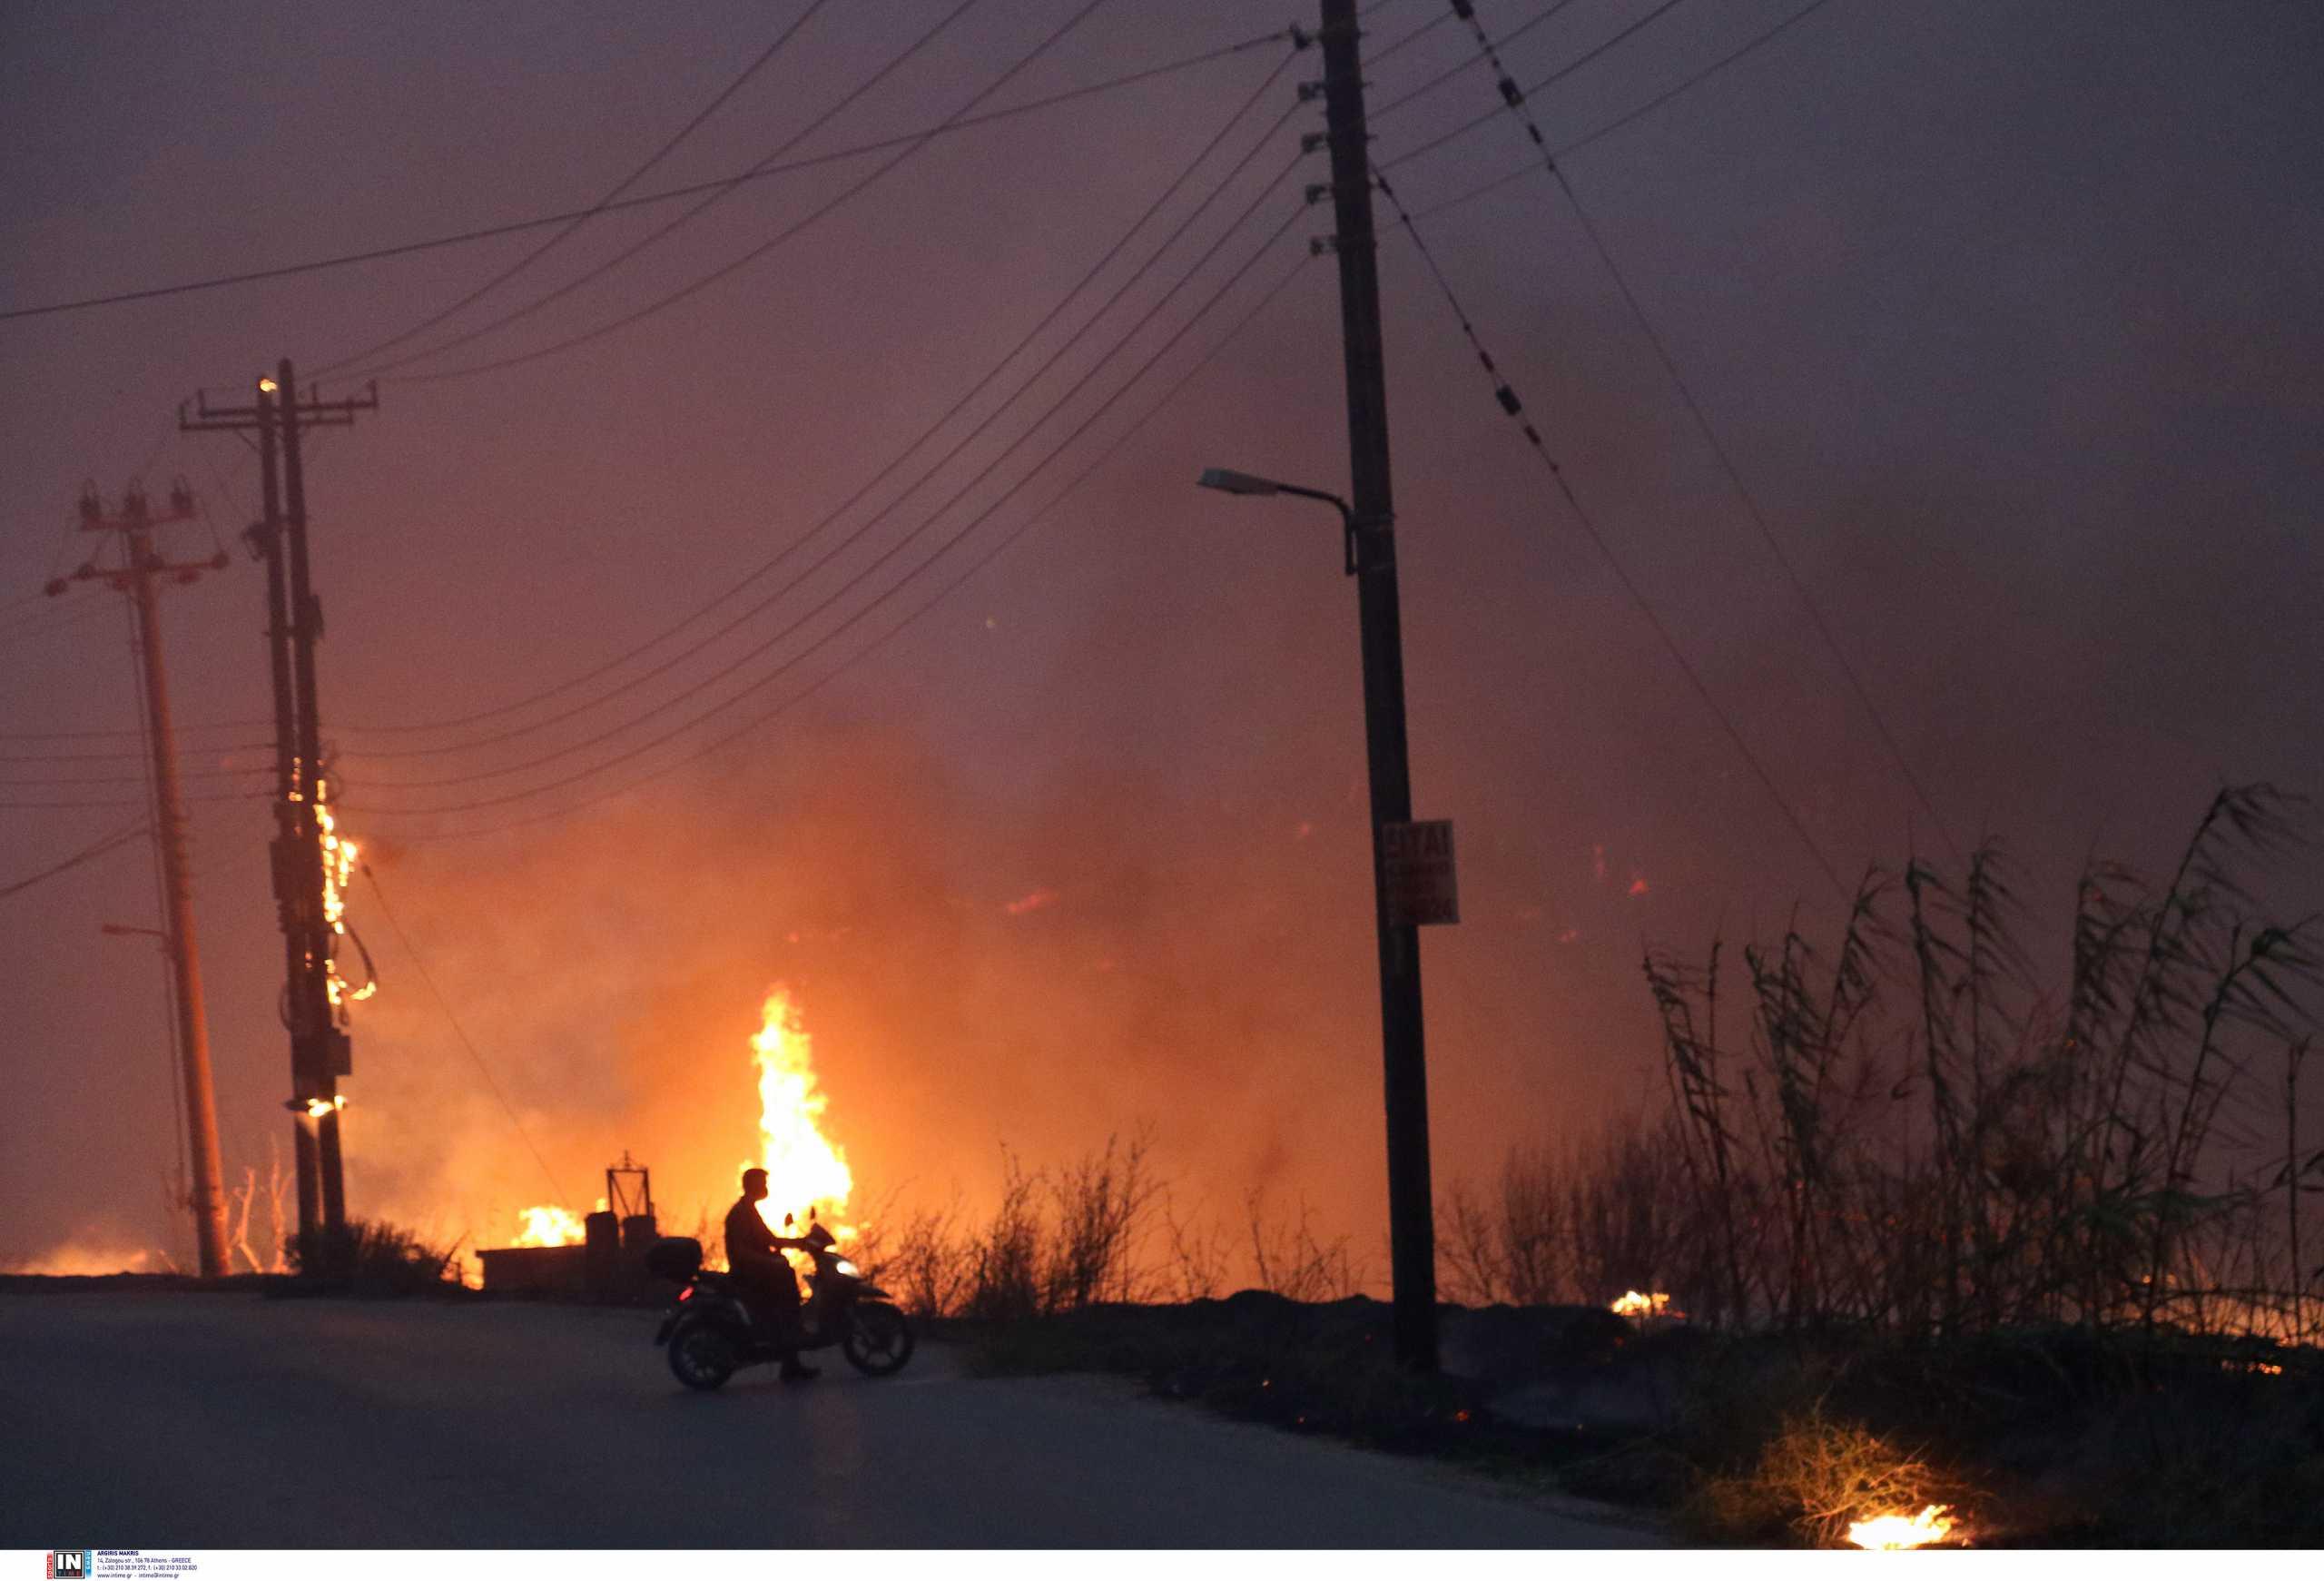 Φωτιά στη Βαρυμπόμπη: Νέο μήνυμα από το 112 για την οδό Ανοίξεως στο Κρυονέρι